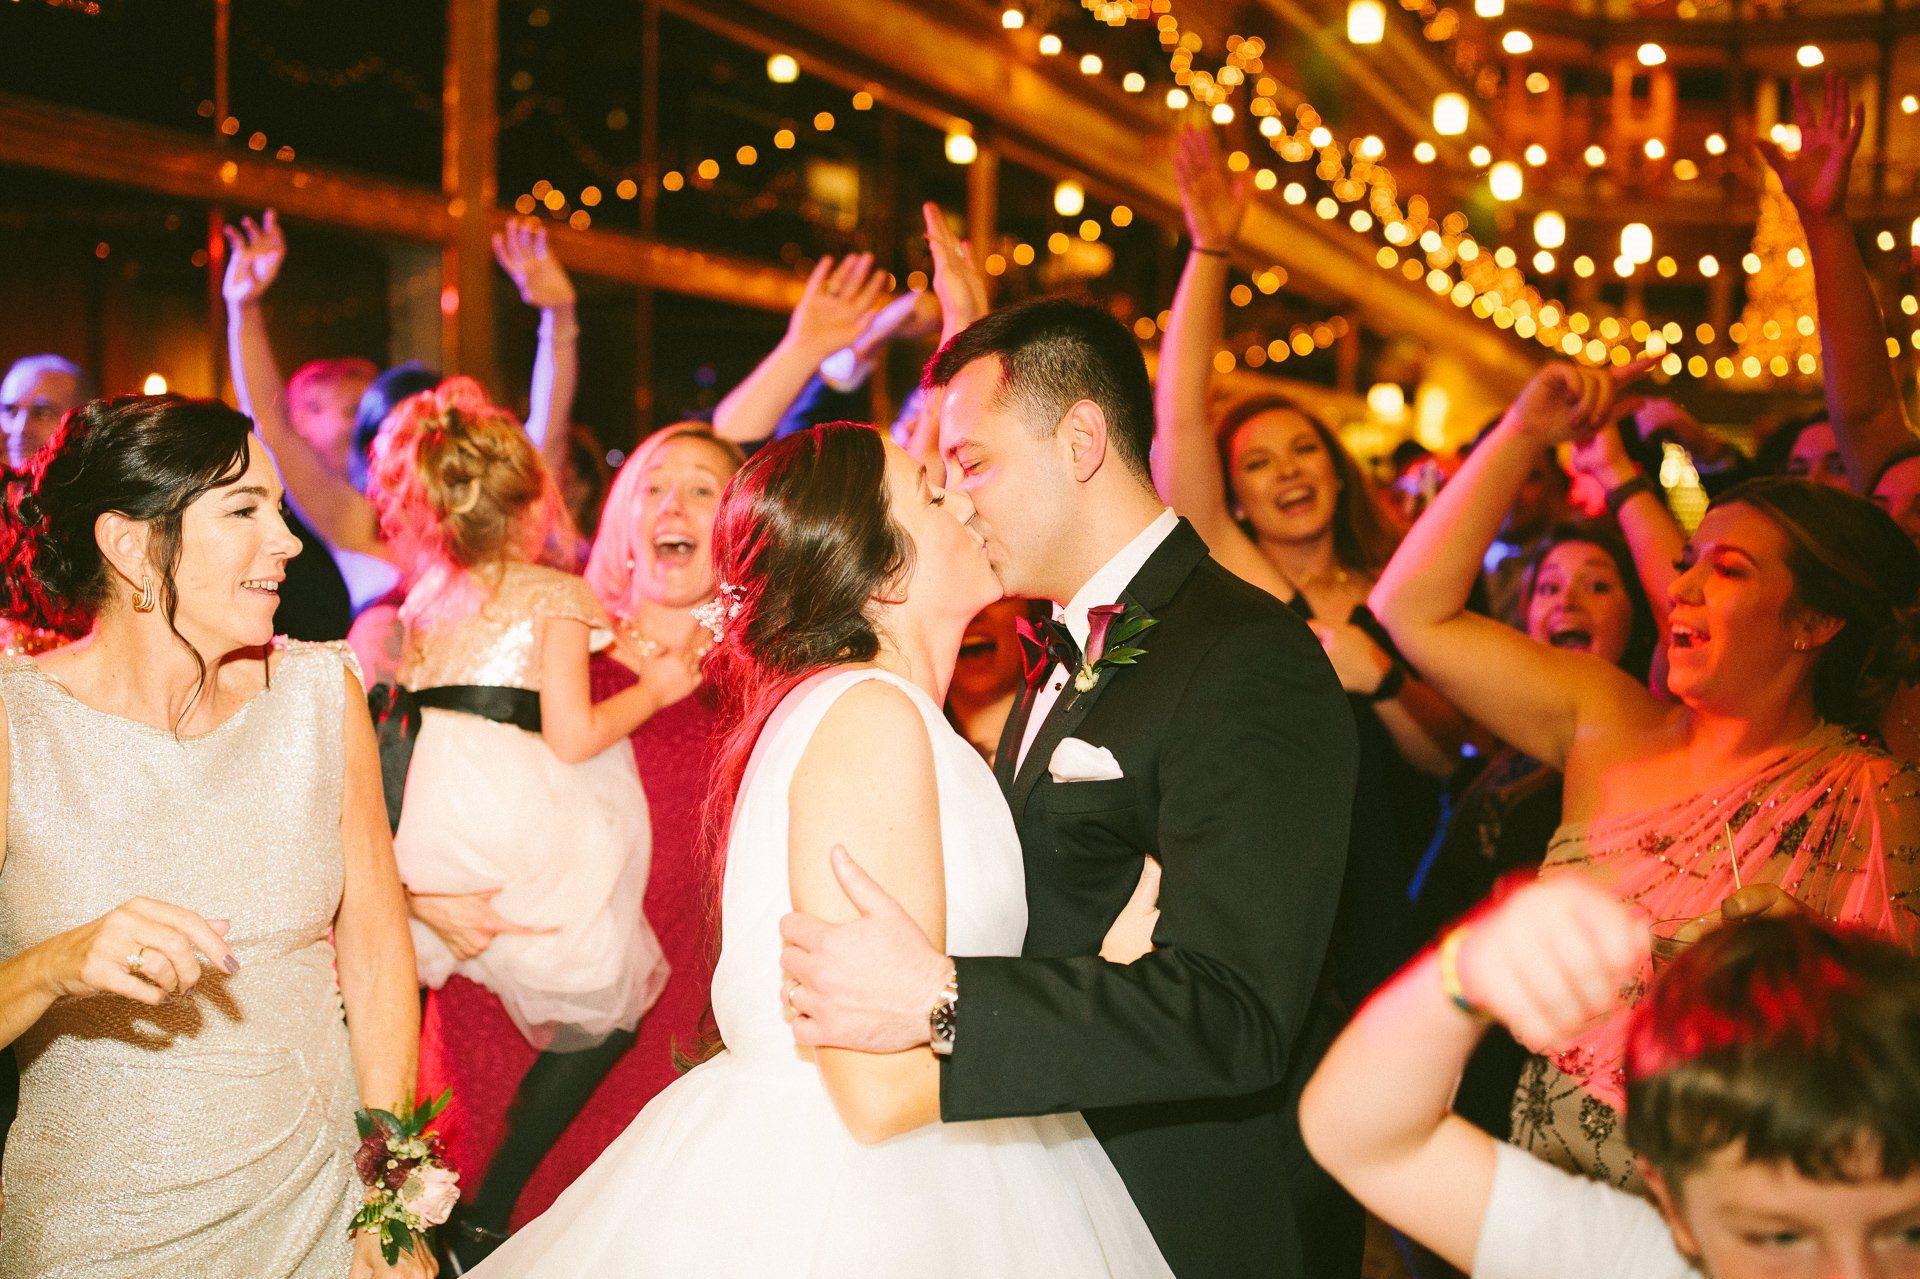 Hyatt Old Arcade Wedding Photographer in Cleveland 2 29.jpg